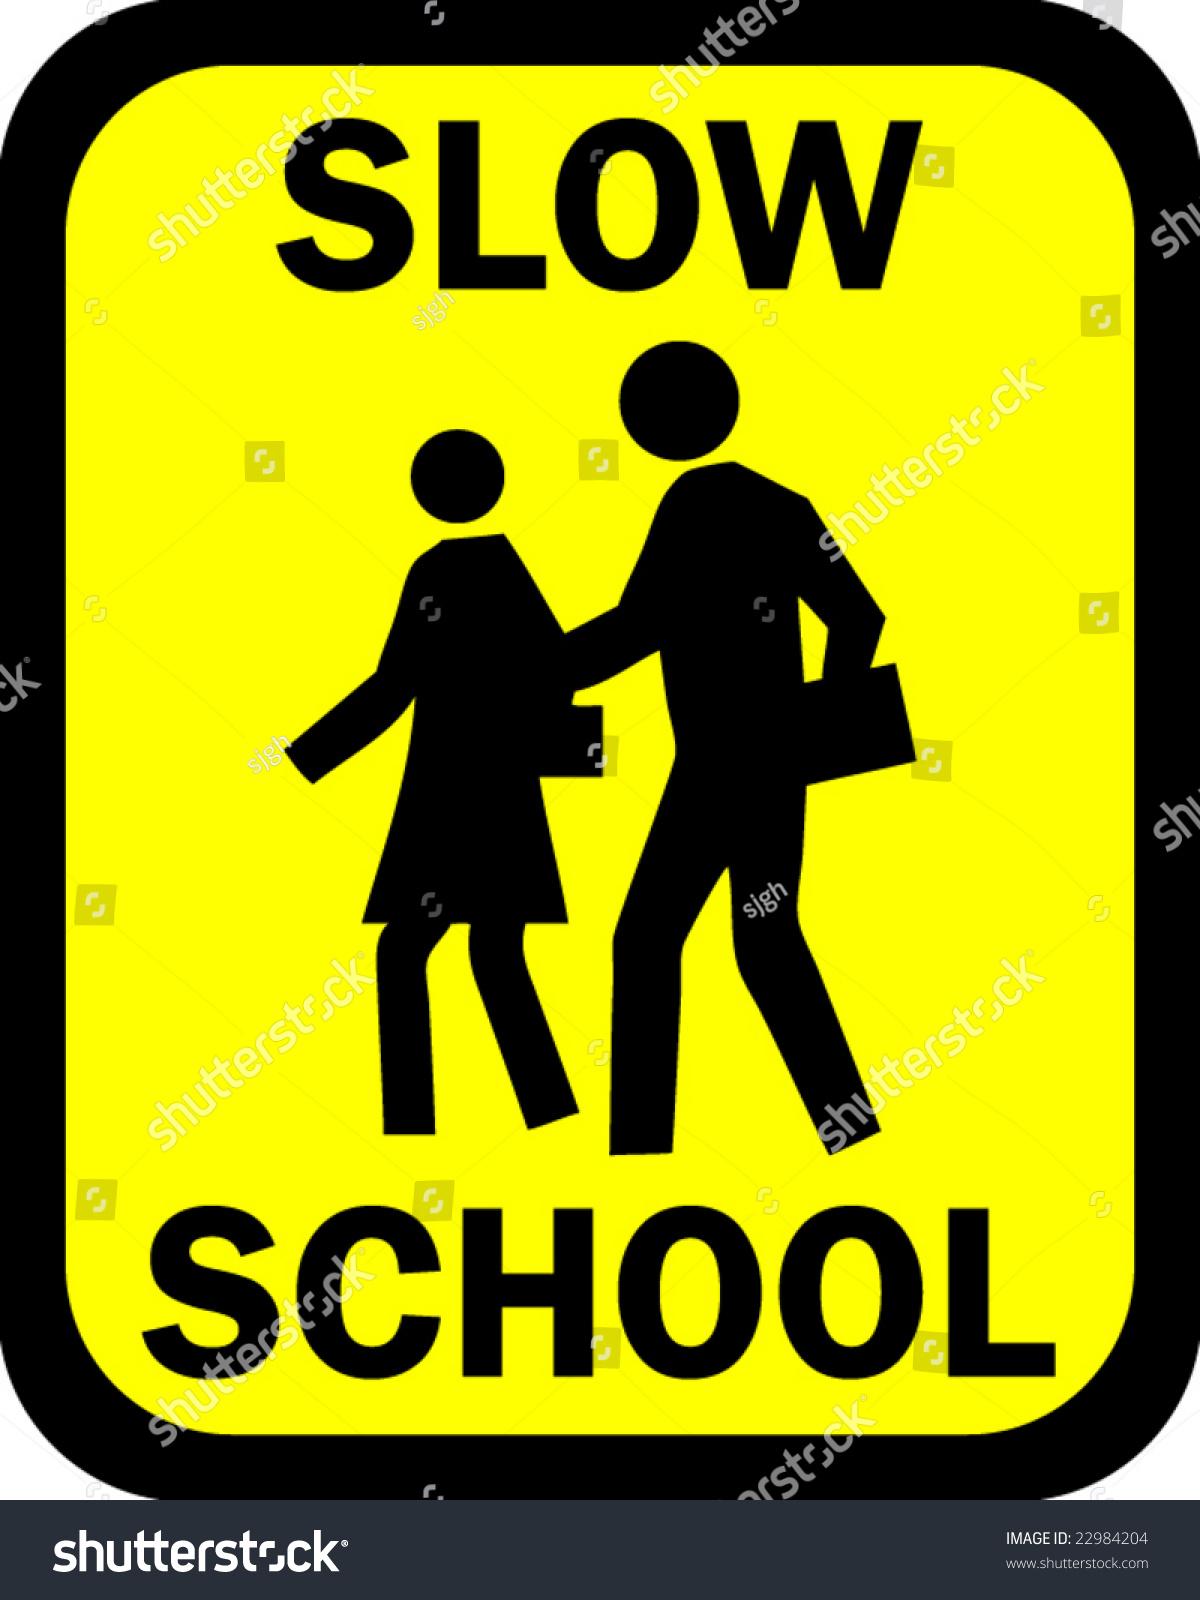 Vector Sign Yellow Slow School Ahead Stock Vector 22984204 ...